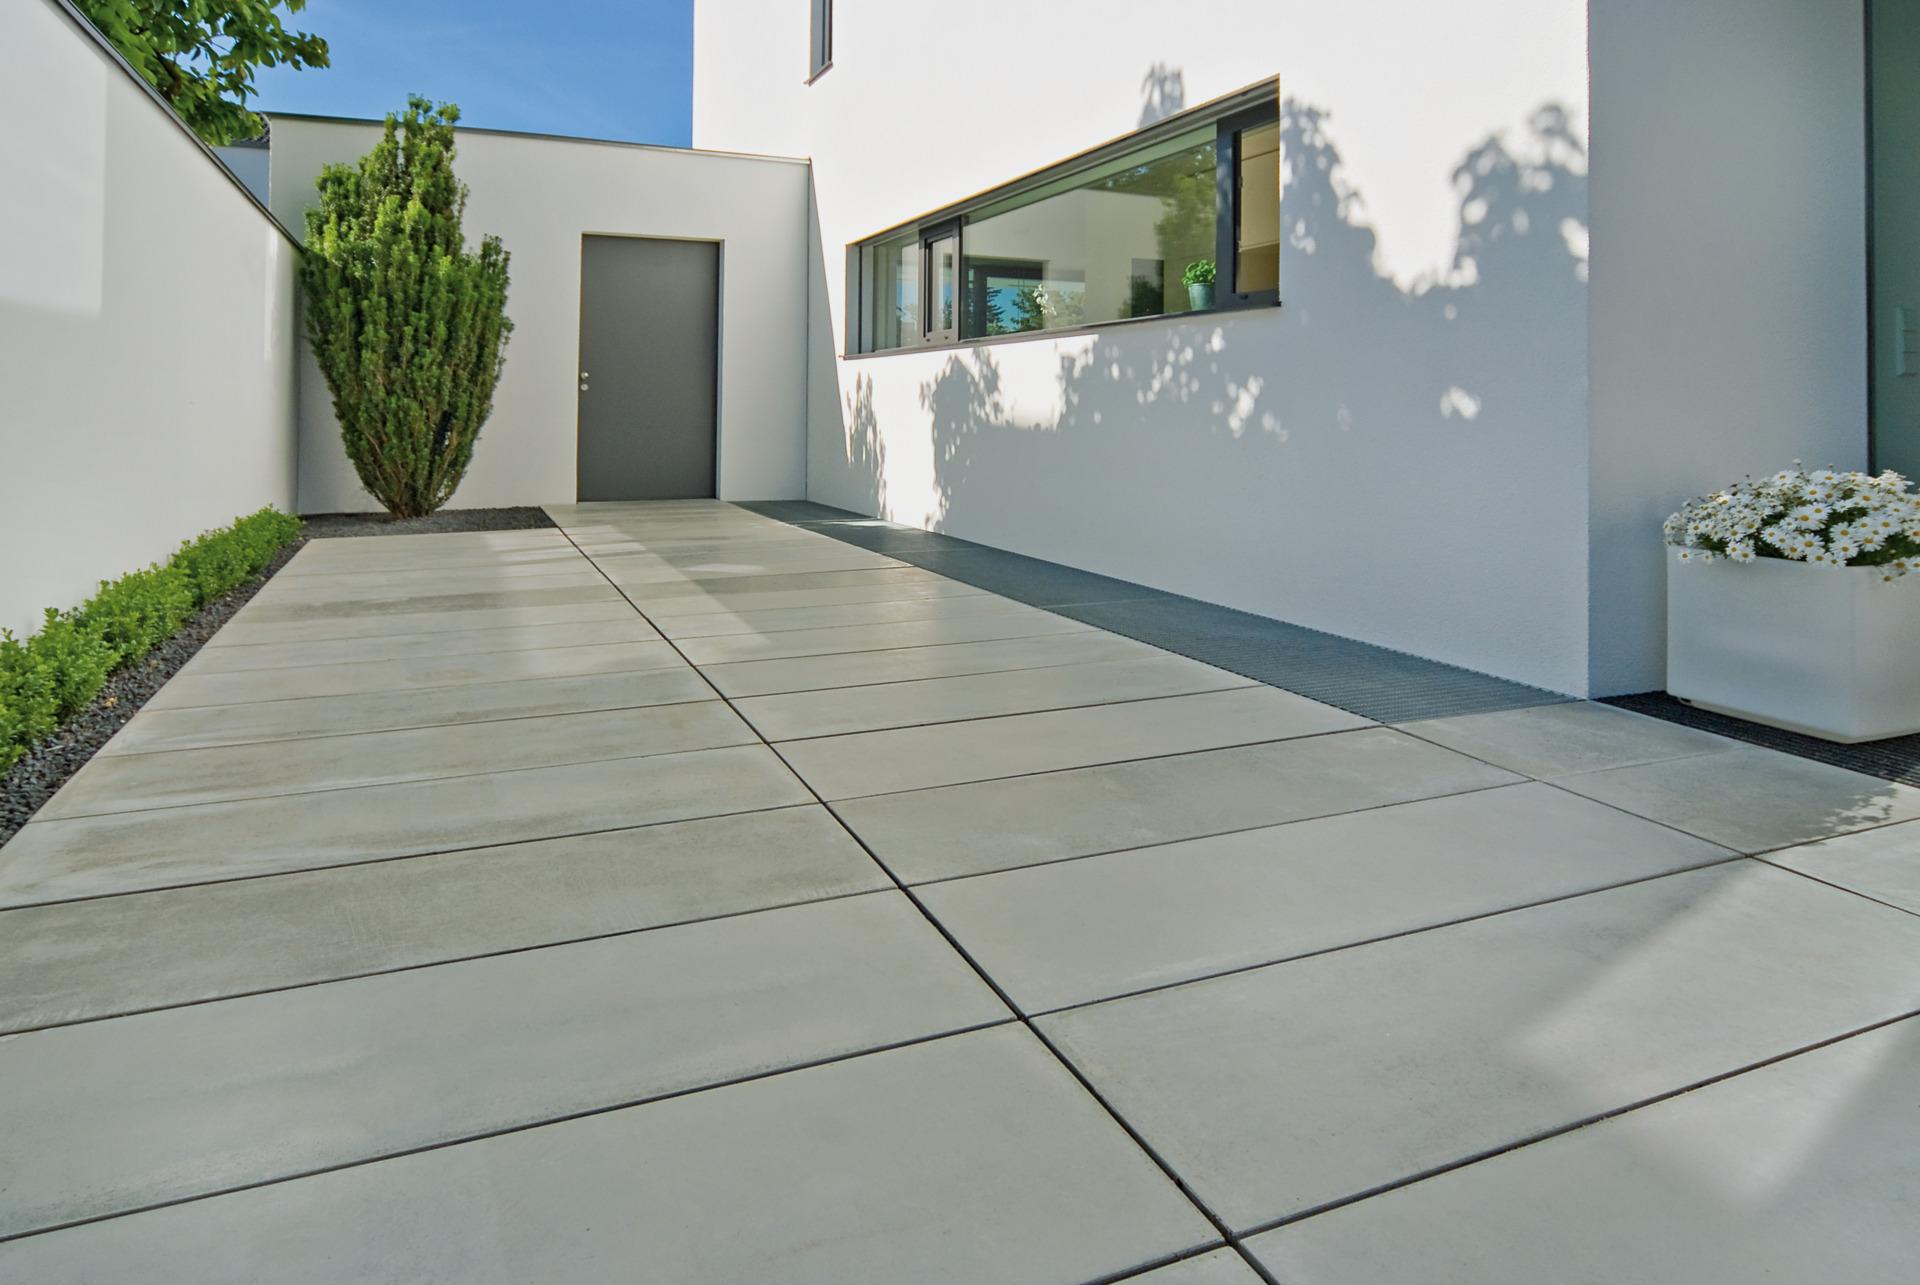 Grau Gepflasterter Hauseingang Aus Sichtbeton Eingerahmt Von Bepflanztem  Kieselbeet Mit Buchsbaumtanne Vor Weißem Haus Und Grauer